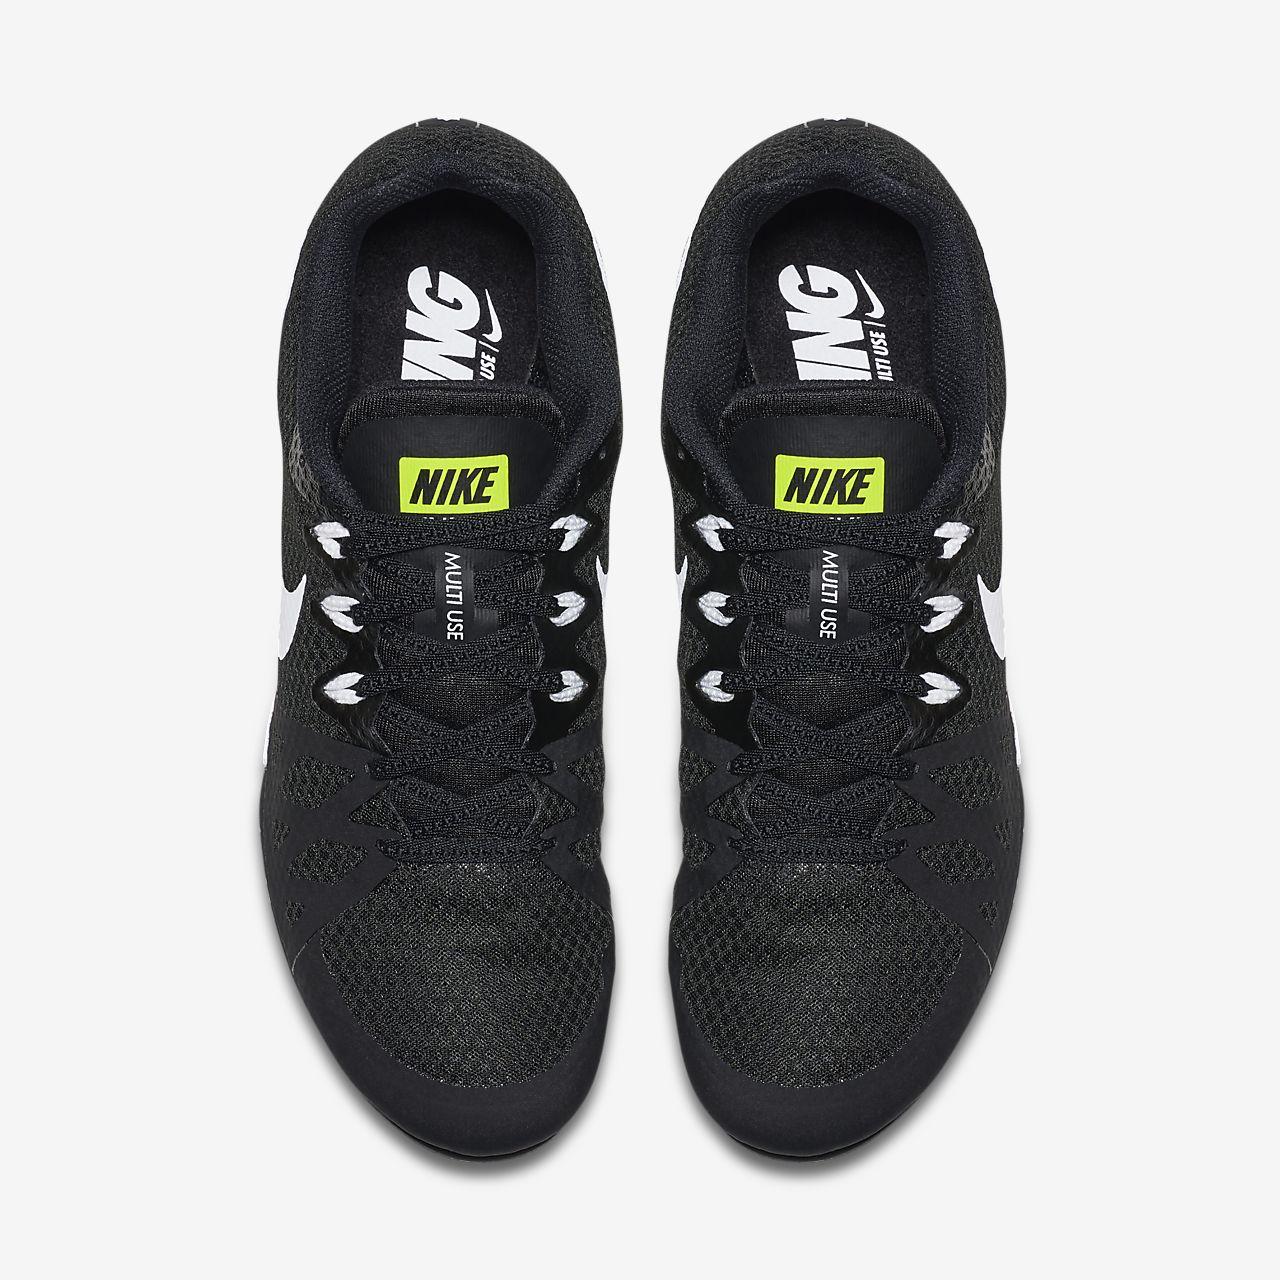 f697c211ce0a2 ... Calzado de carrera de distancia con clavos unisex Nike Zoom Rival M 8